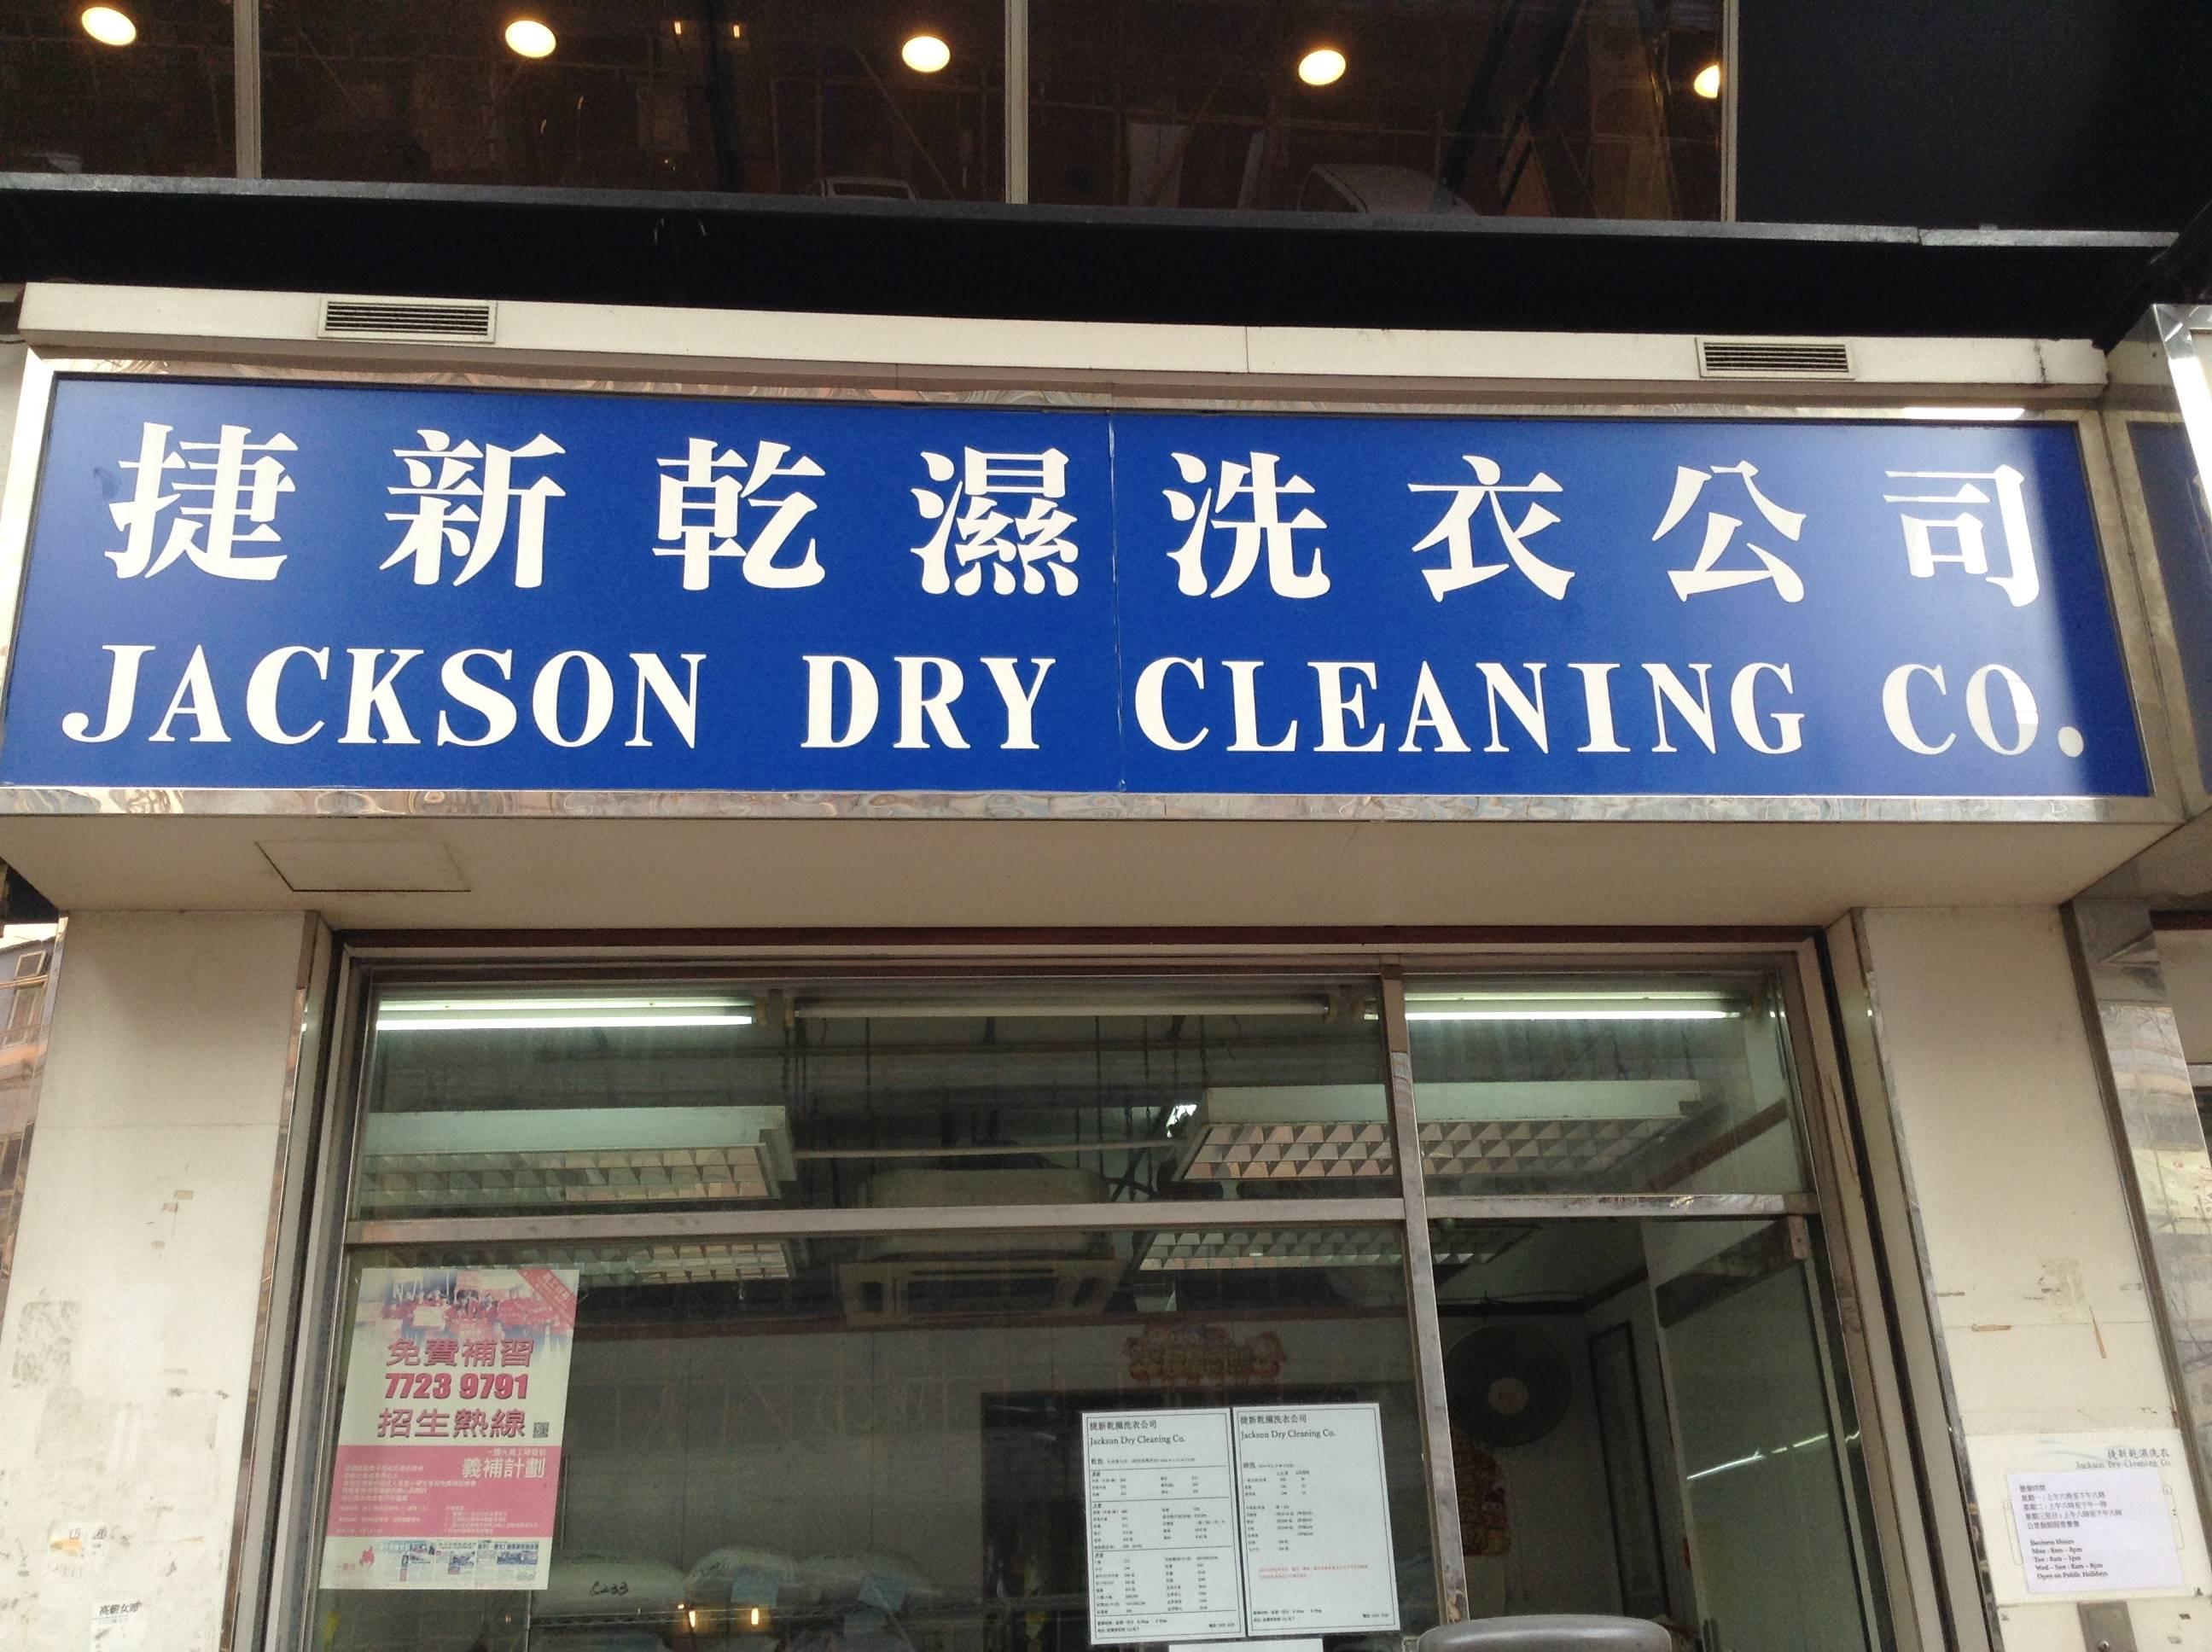 捷新乾濕洗衣公司